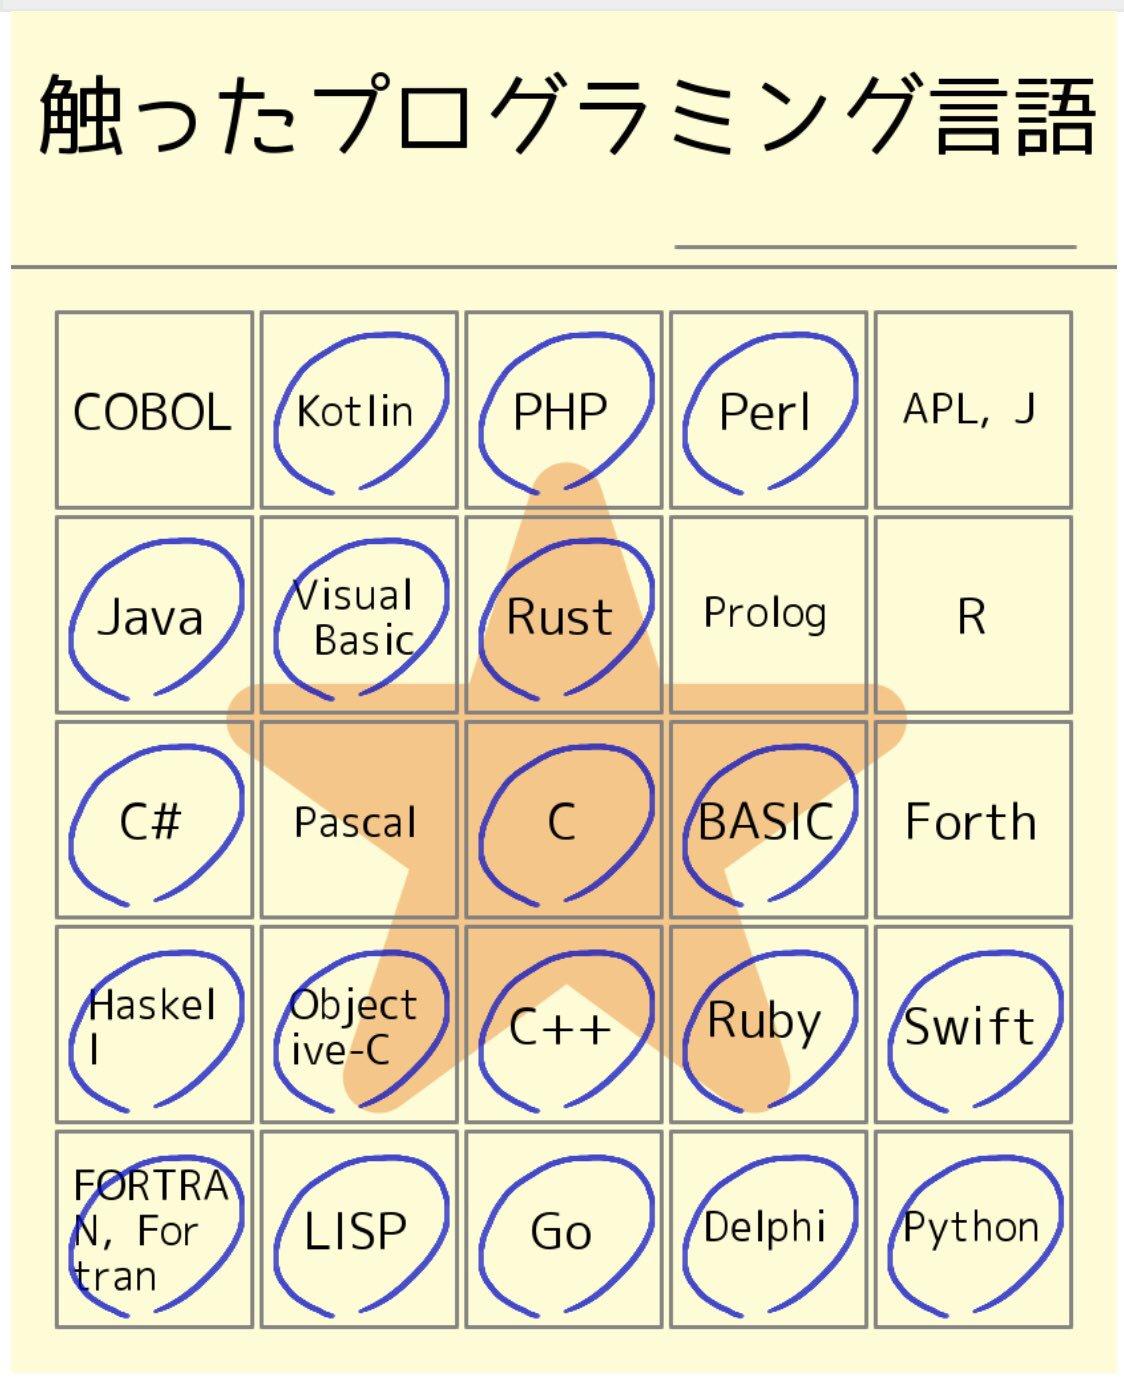 ビンゴ(∩´∀`)∩  「少しでも触った覚えのあるプログラミング言語に丸をつけてください。方言(派生言語)も含めて考えていただければと思います」  触ったプログラミング言語 #触ったプログラミング言語 #めけぽんビンゴ  https://t.co/Iam1jCDYwA https://t.co/1r6VyRddfg